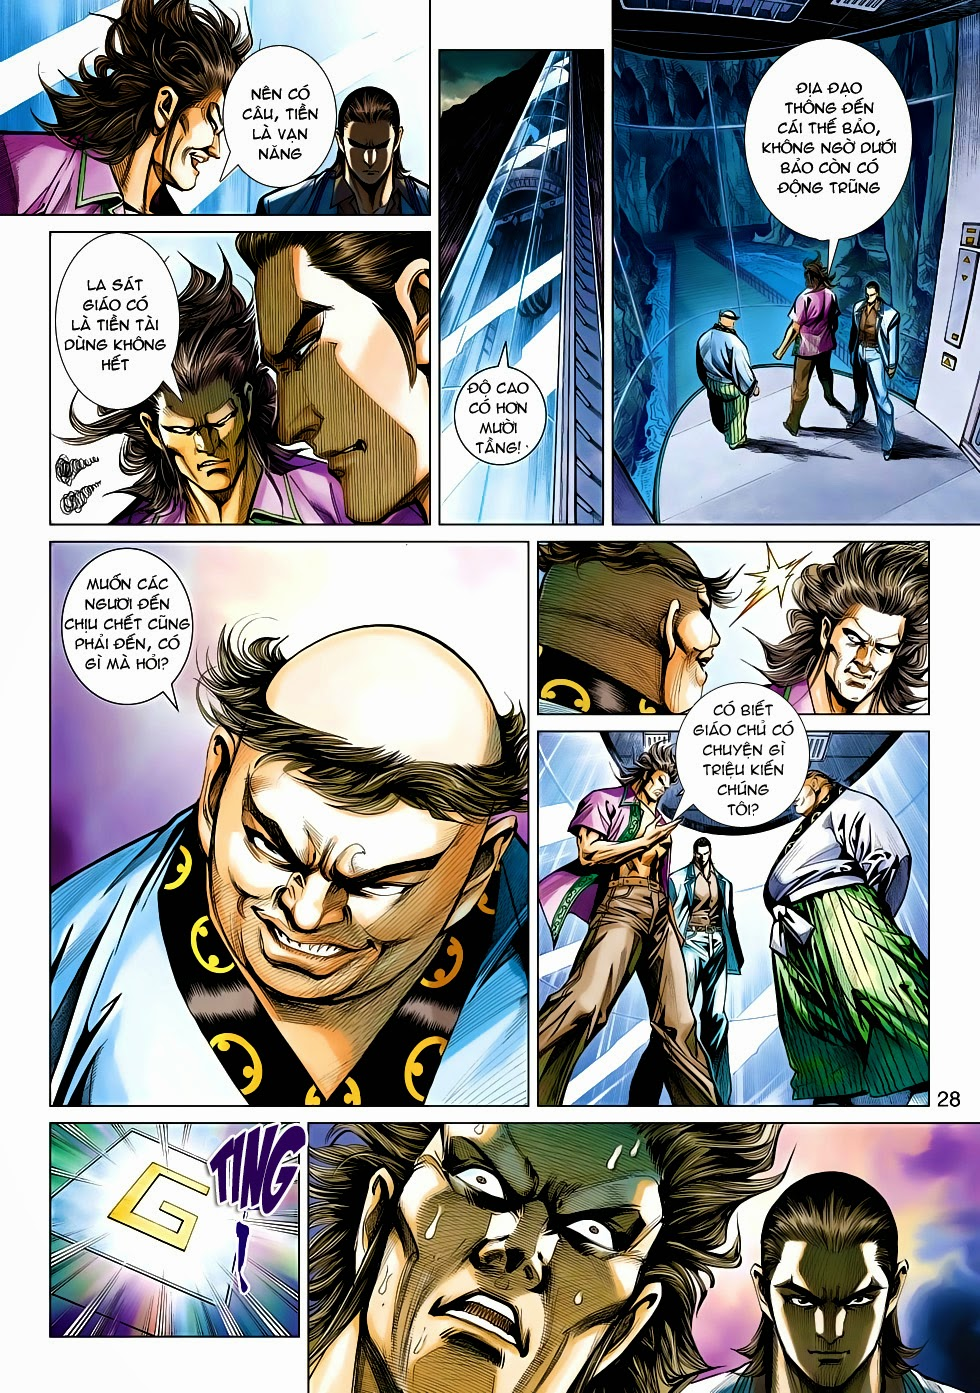 Tân Tác Long Hổ Môn chap 470 - Trang 28